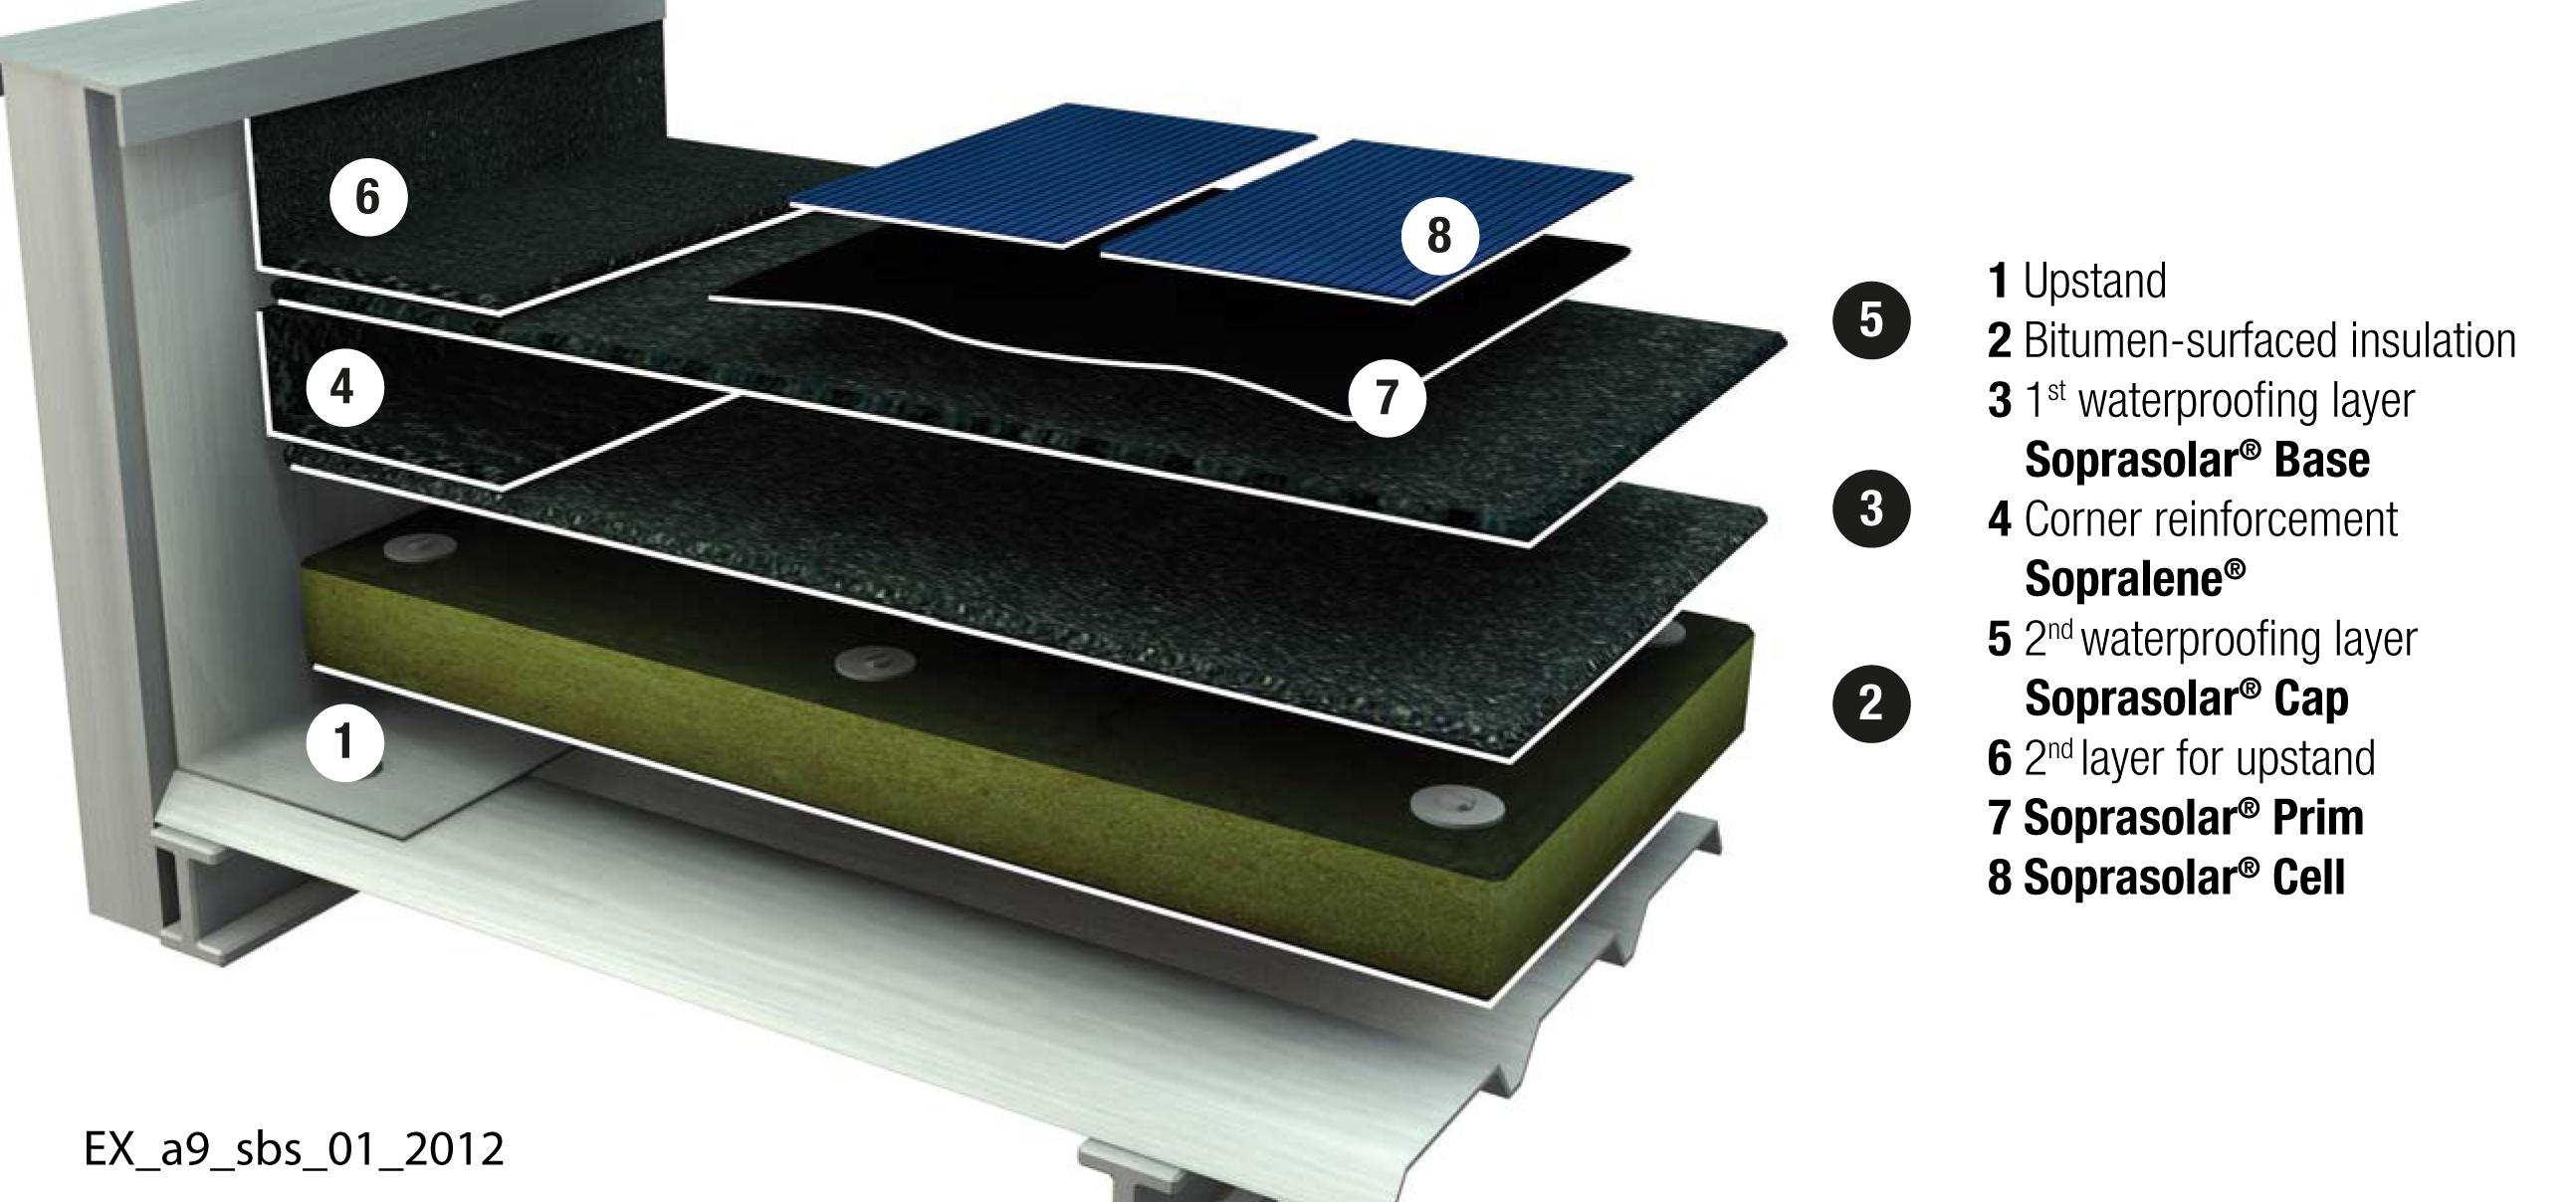 Soprema Sbs Roofing Details Aurora Roofing Contractors